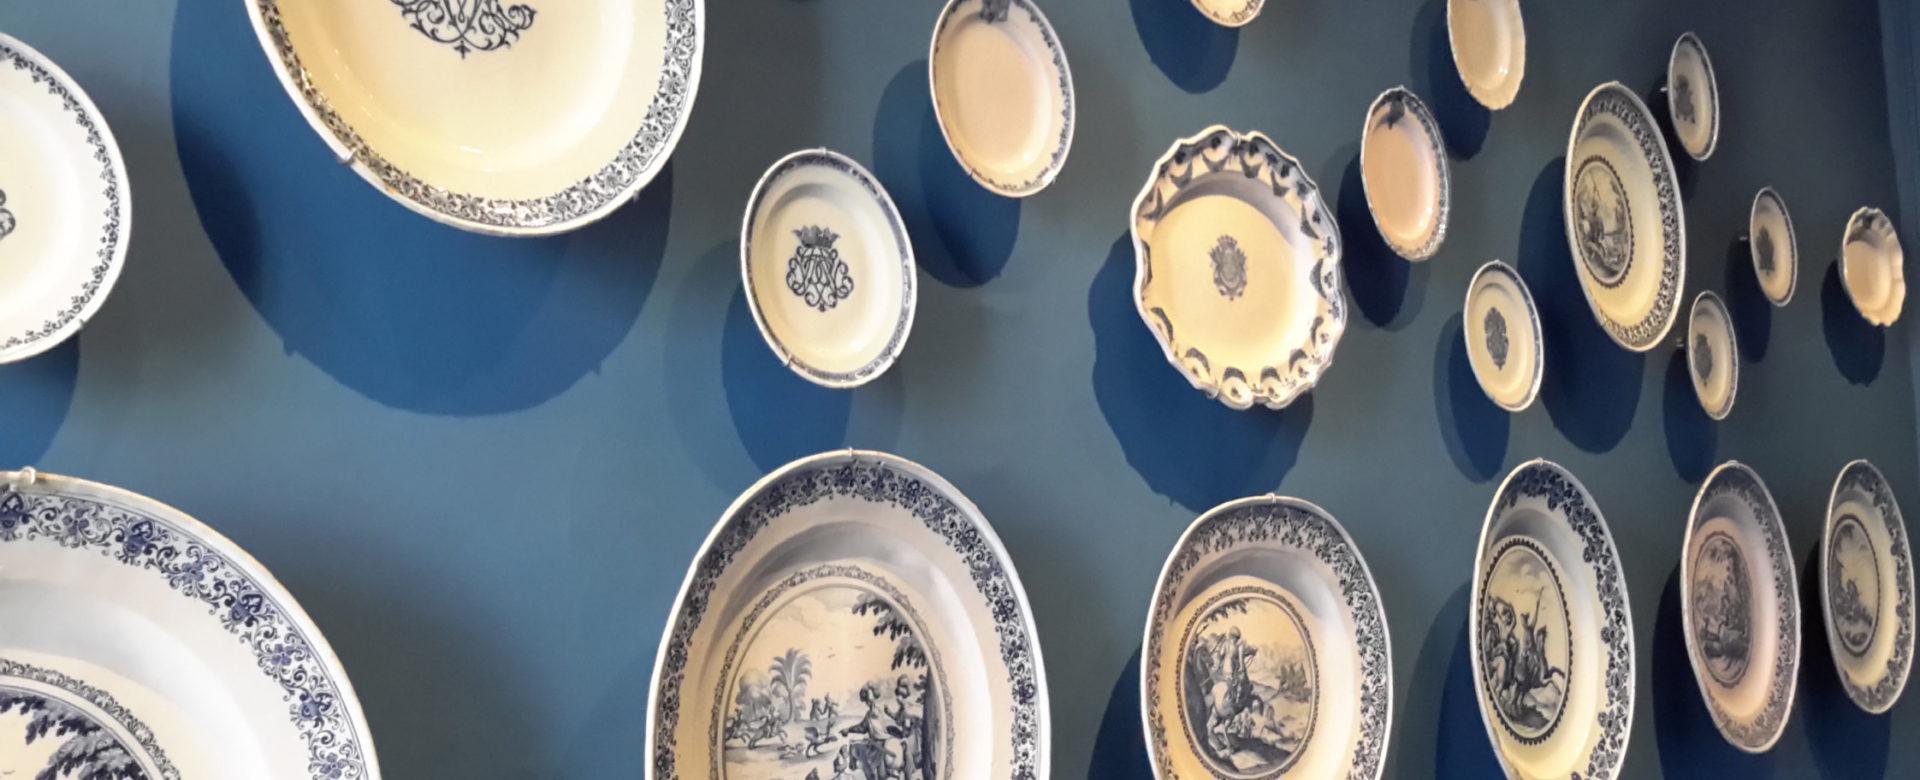 faïence de Moustiers, ©AD04/Musée de la faïence